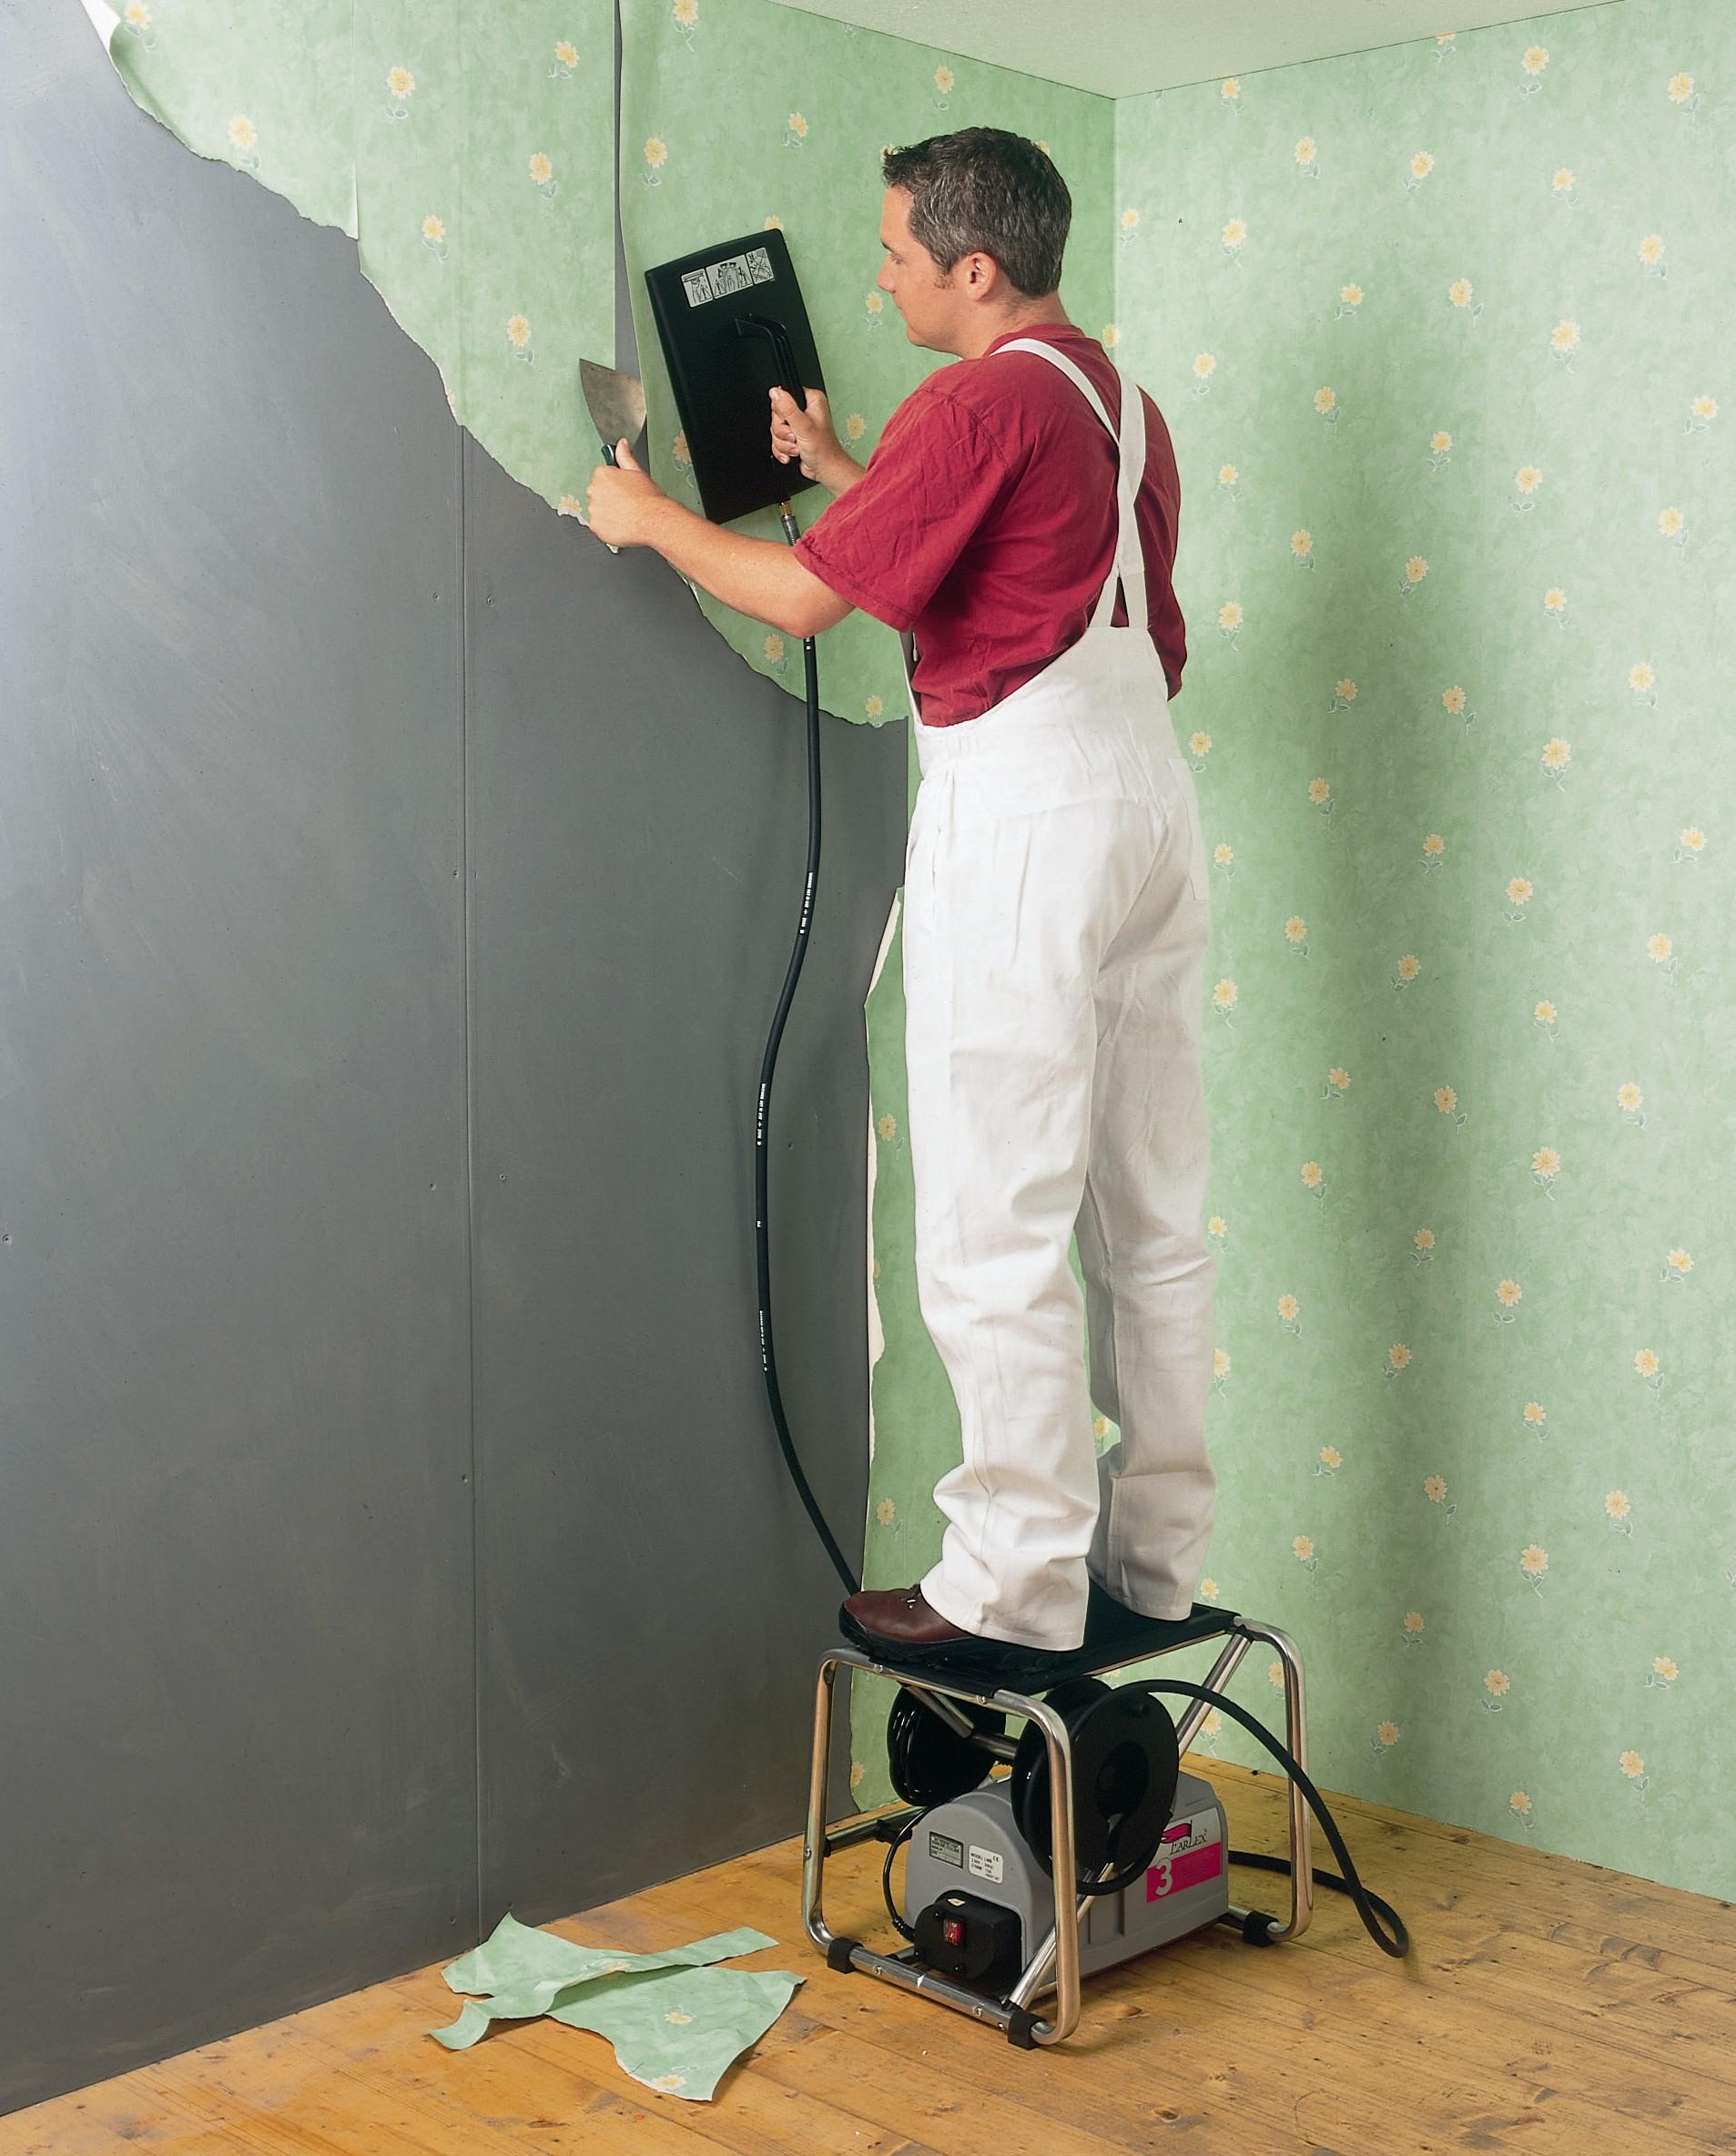 Verhuur behangafstomer huren te genk bree lommel limburg interrent machineverhuur - Behang voor toiletten ...